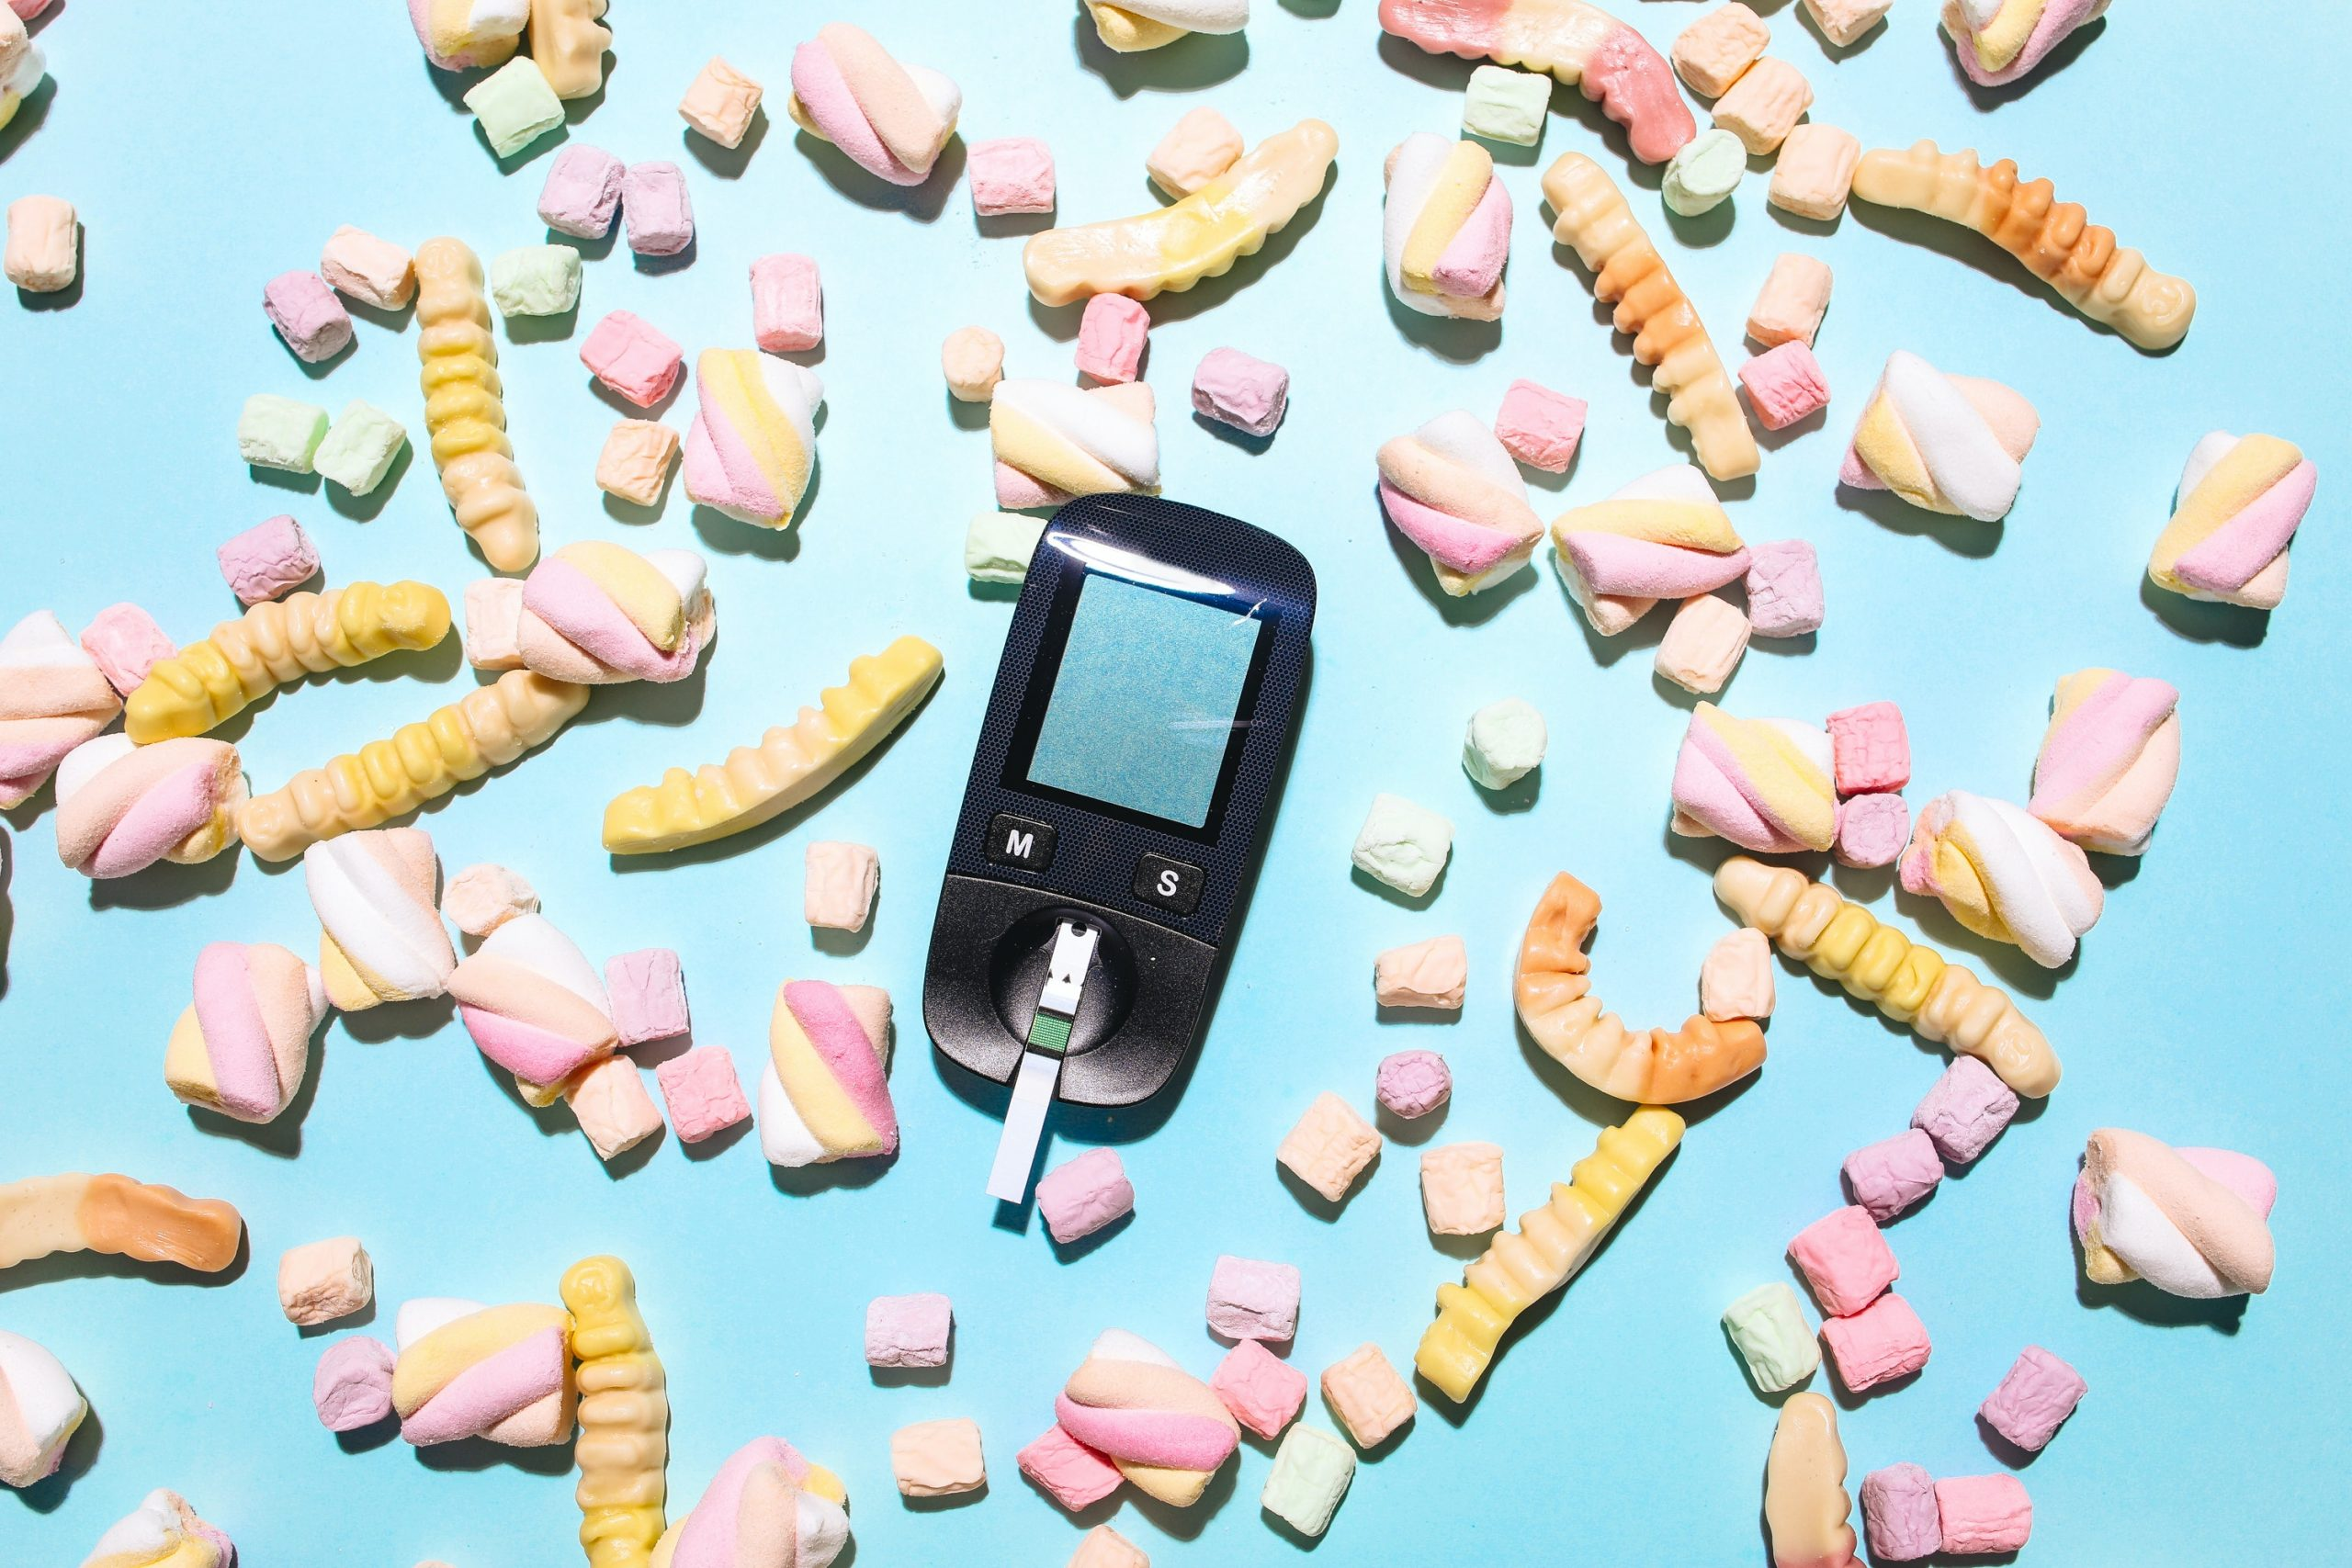 Os malefícios do excesso de açúcar no organismo